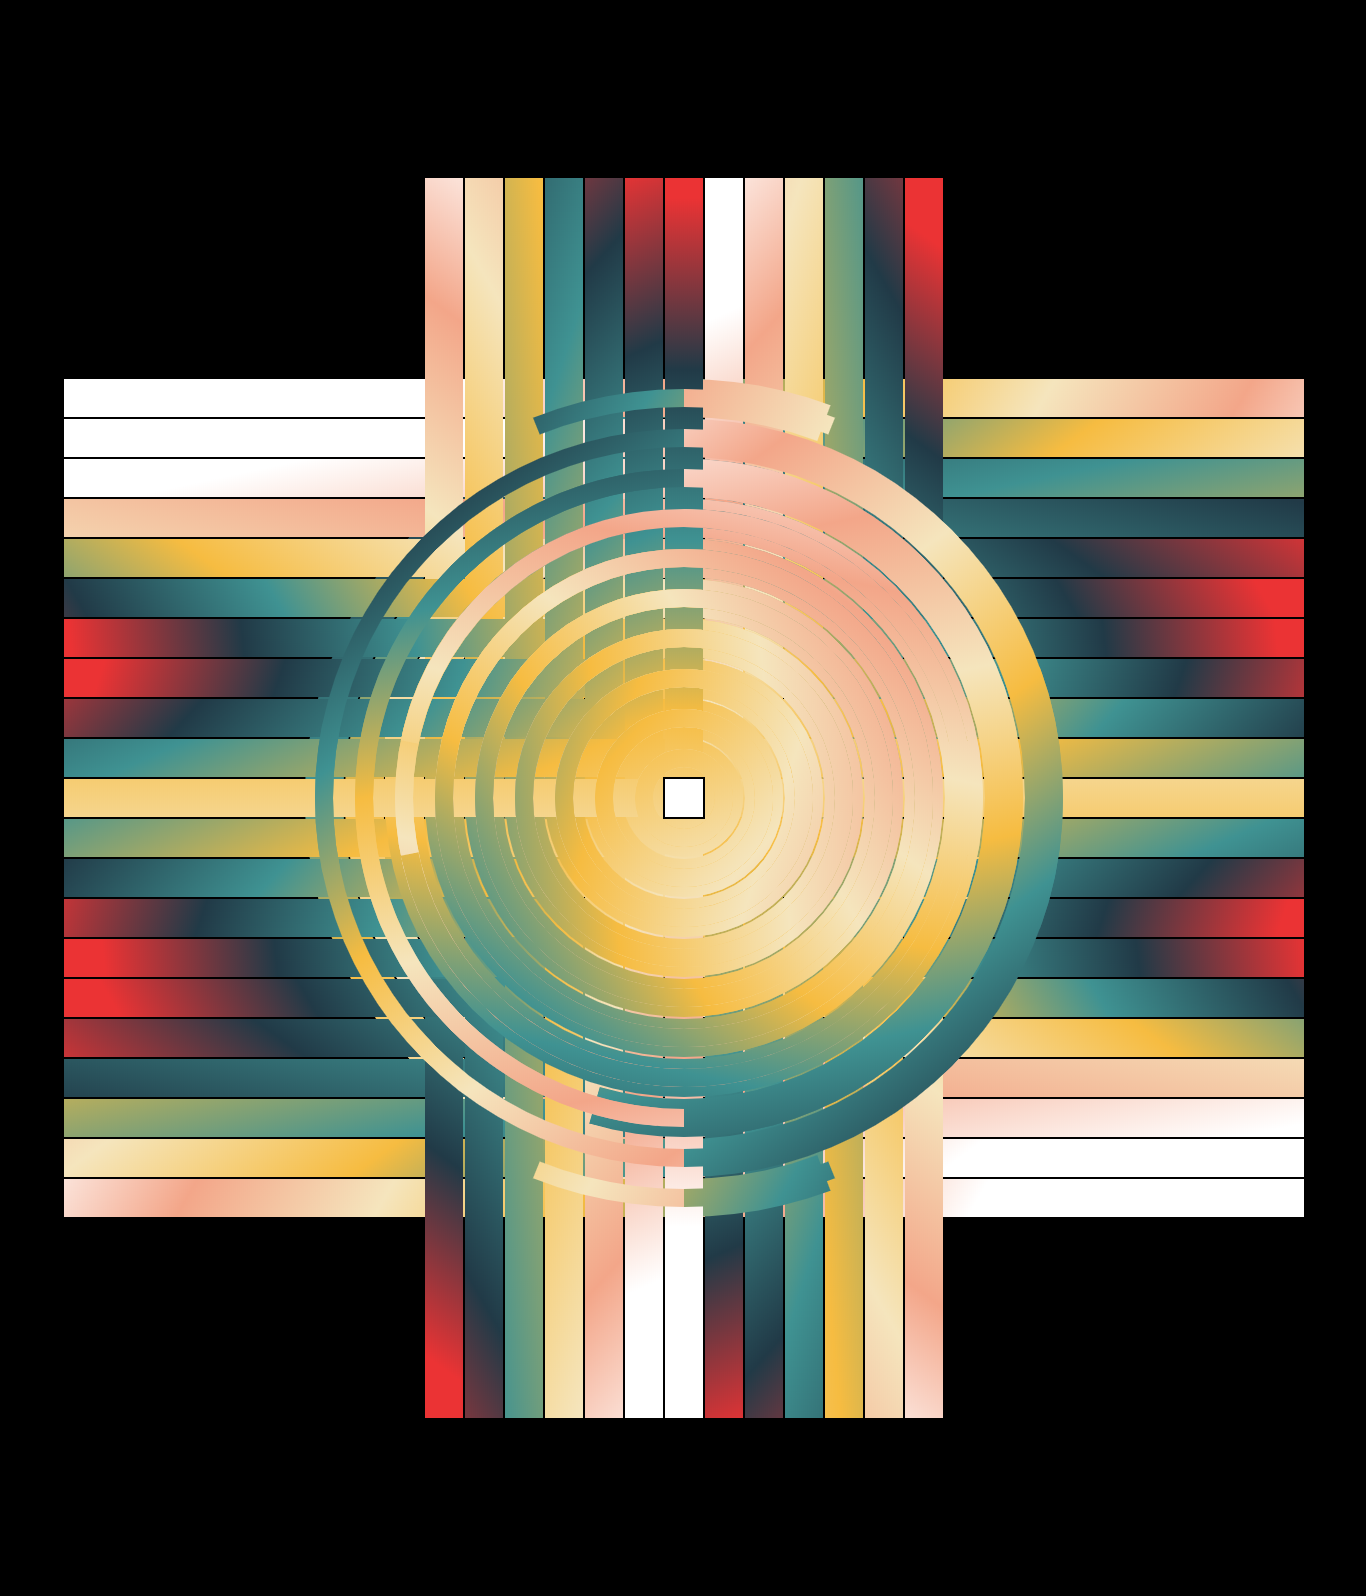 isolation-pixel-static-58